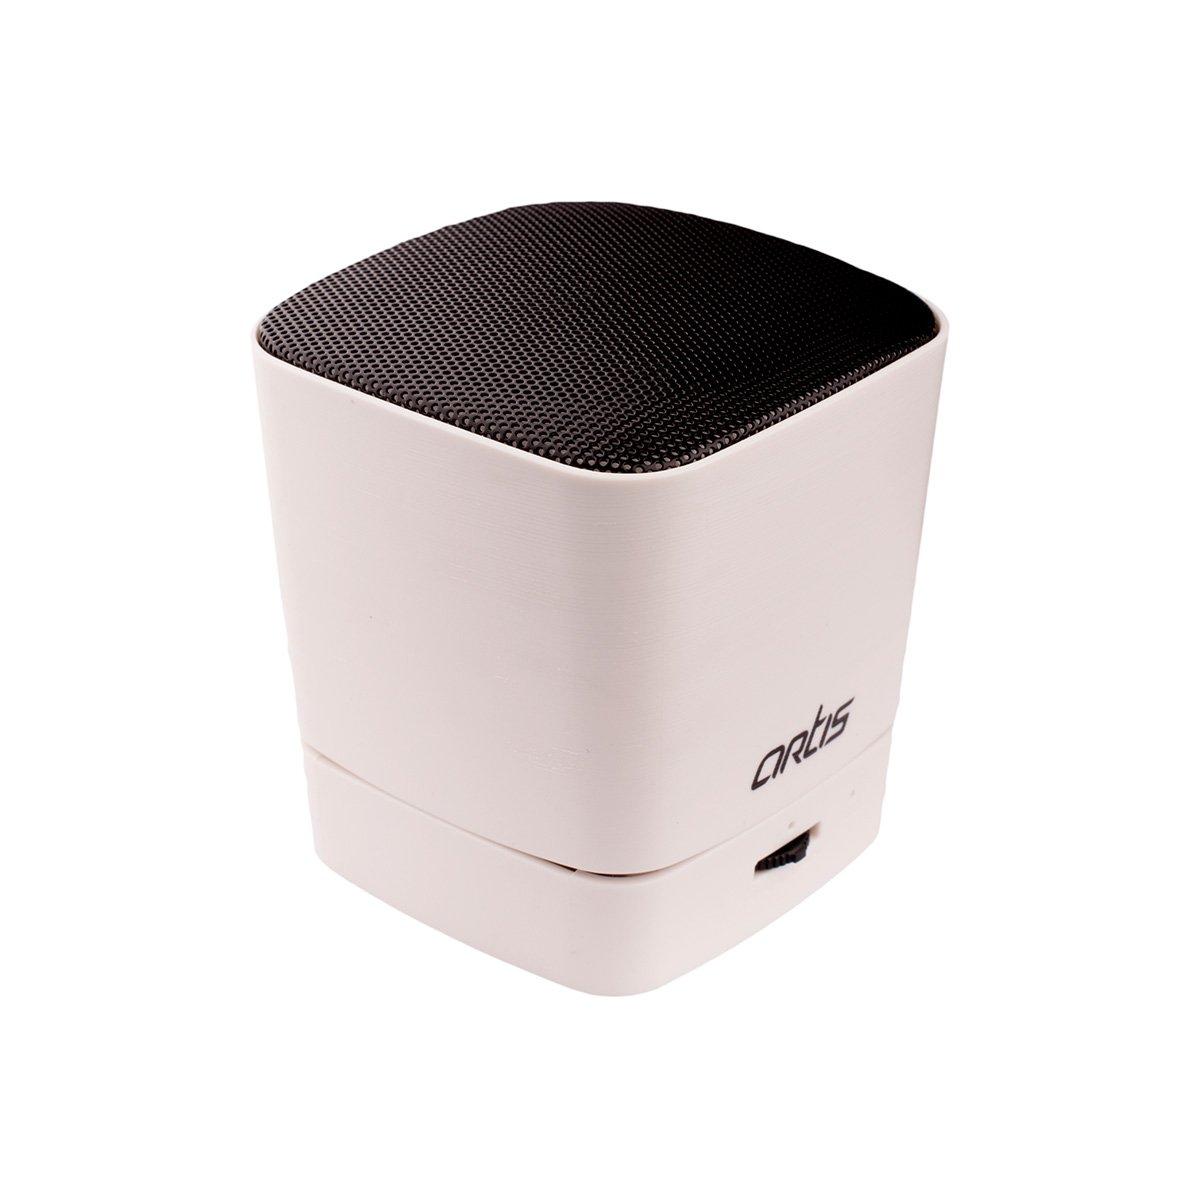 Artis BT09 Wireless Portable Bluetooth Speaker White